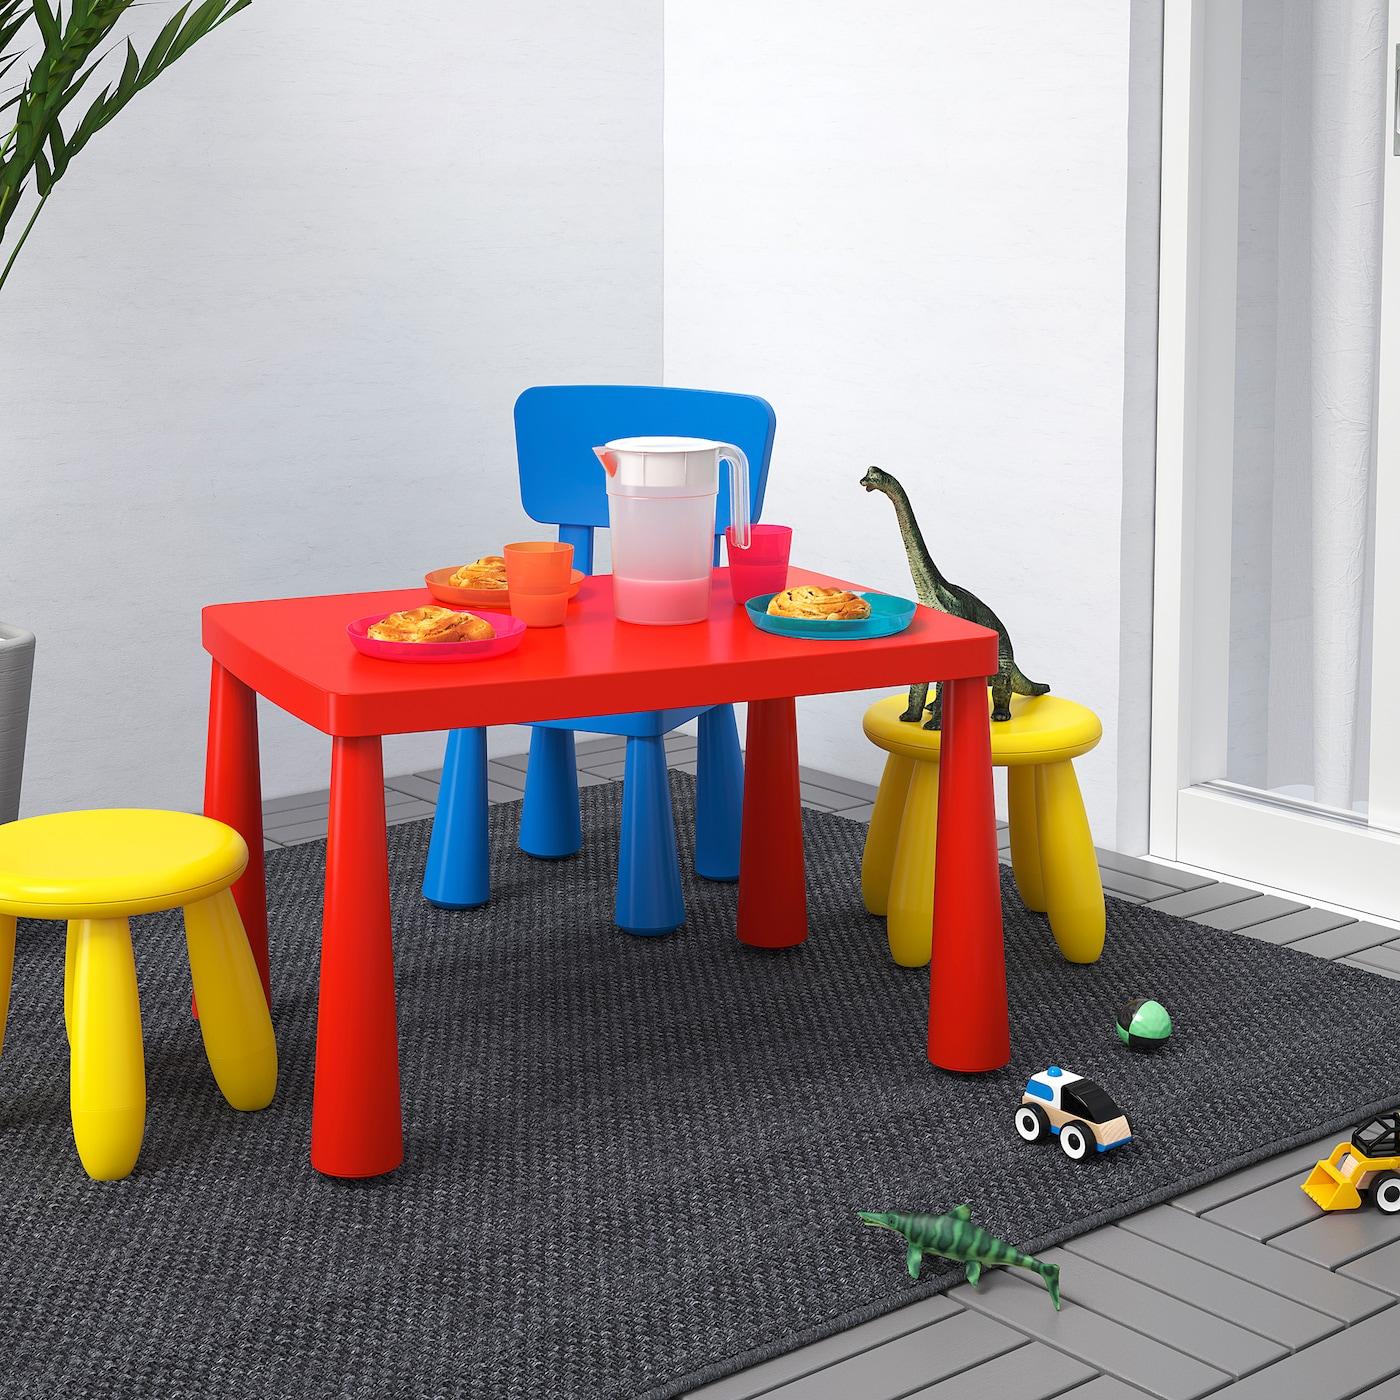 МАММУТ дитячий стіл для приміщення/вулиці червоний 77 см 55 см 48 см